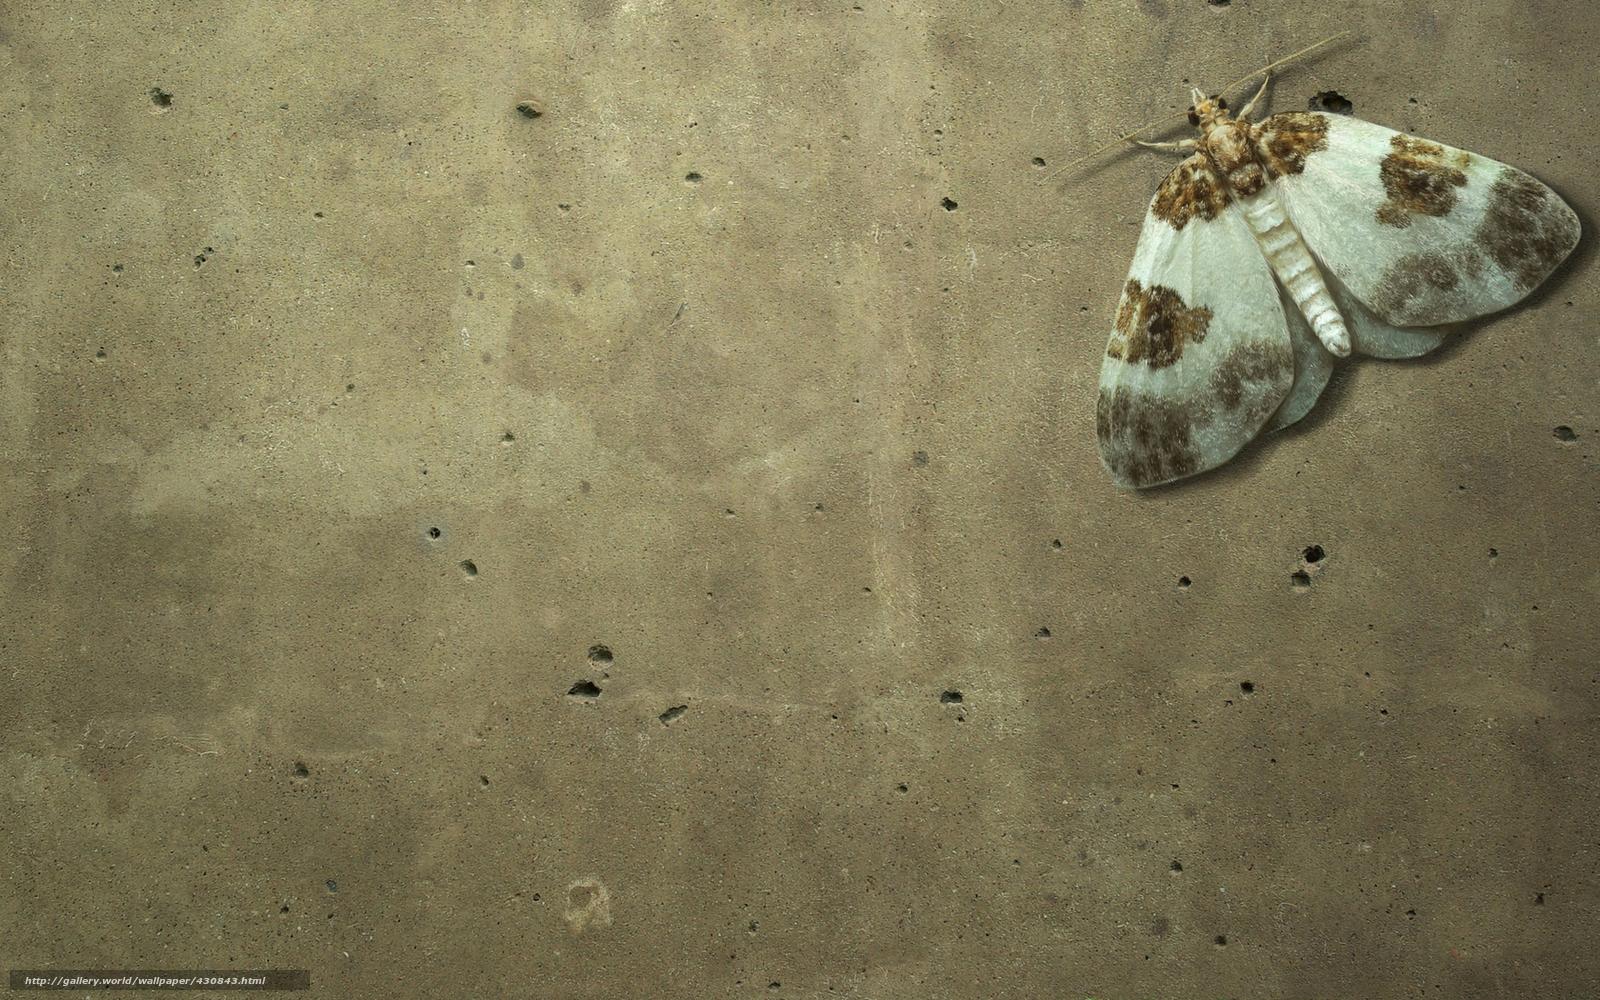 tlcharger fond d 39 ecran papillon papillon insecte mur fonds d 39 ecran gratuits pour votre. Black Bedroom Furniture Sets. Home Design Ideas